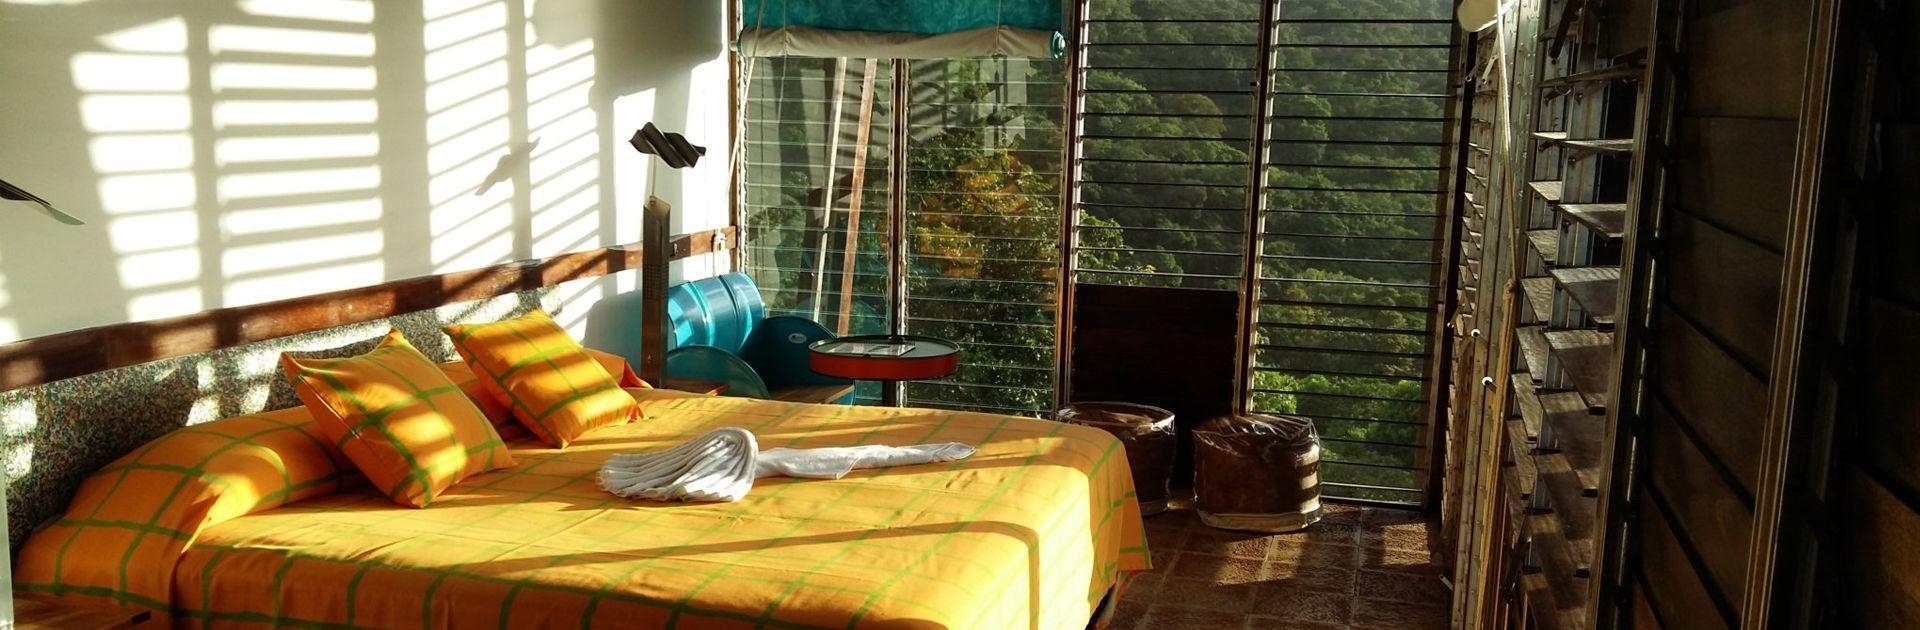 Une chambre de l'hôtel Celeste Moutain Lodge